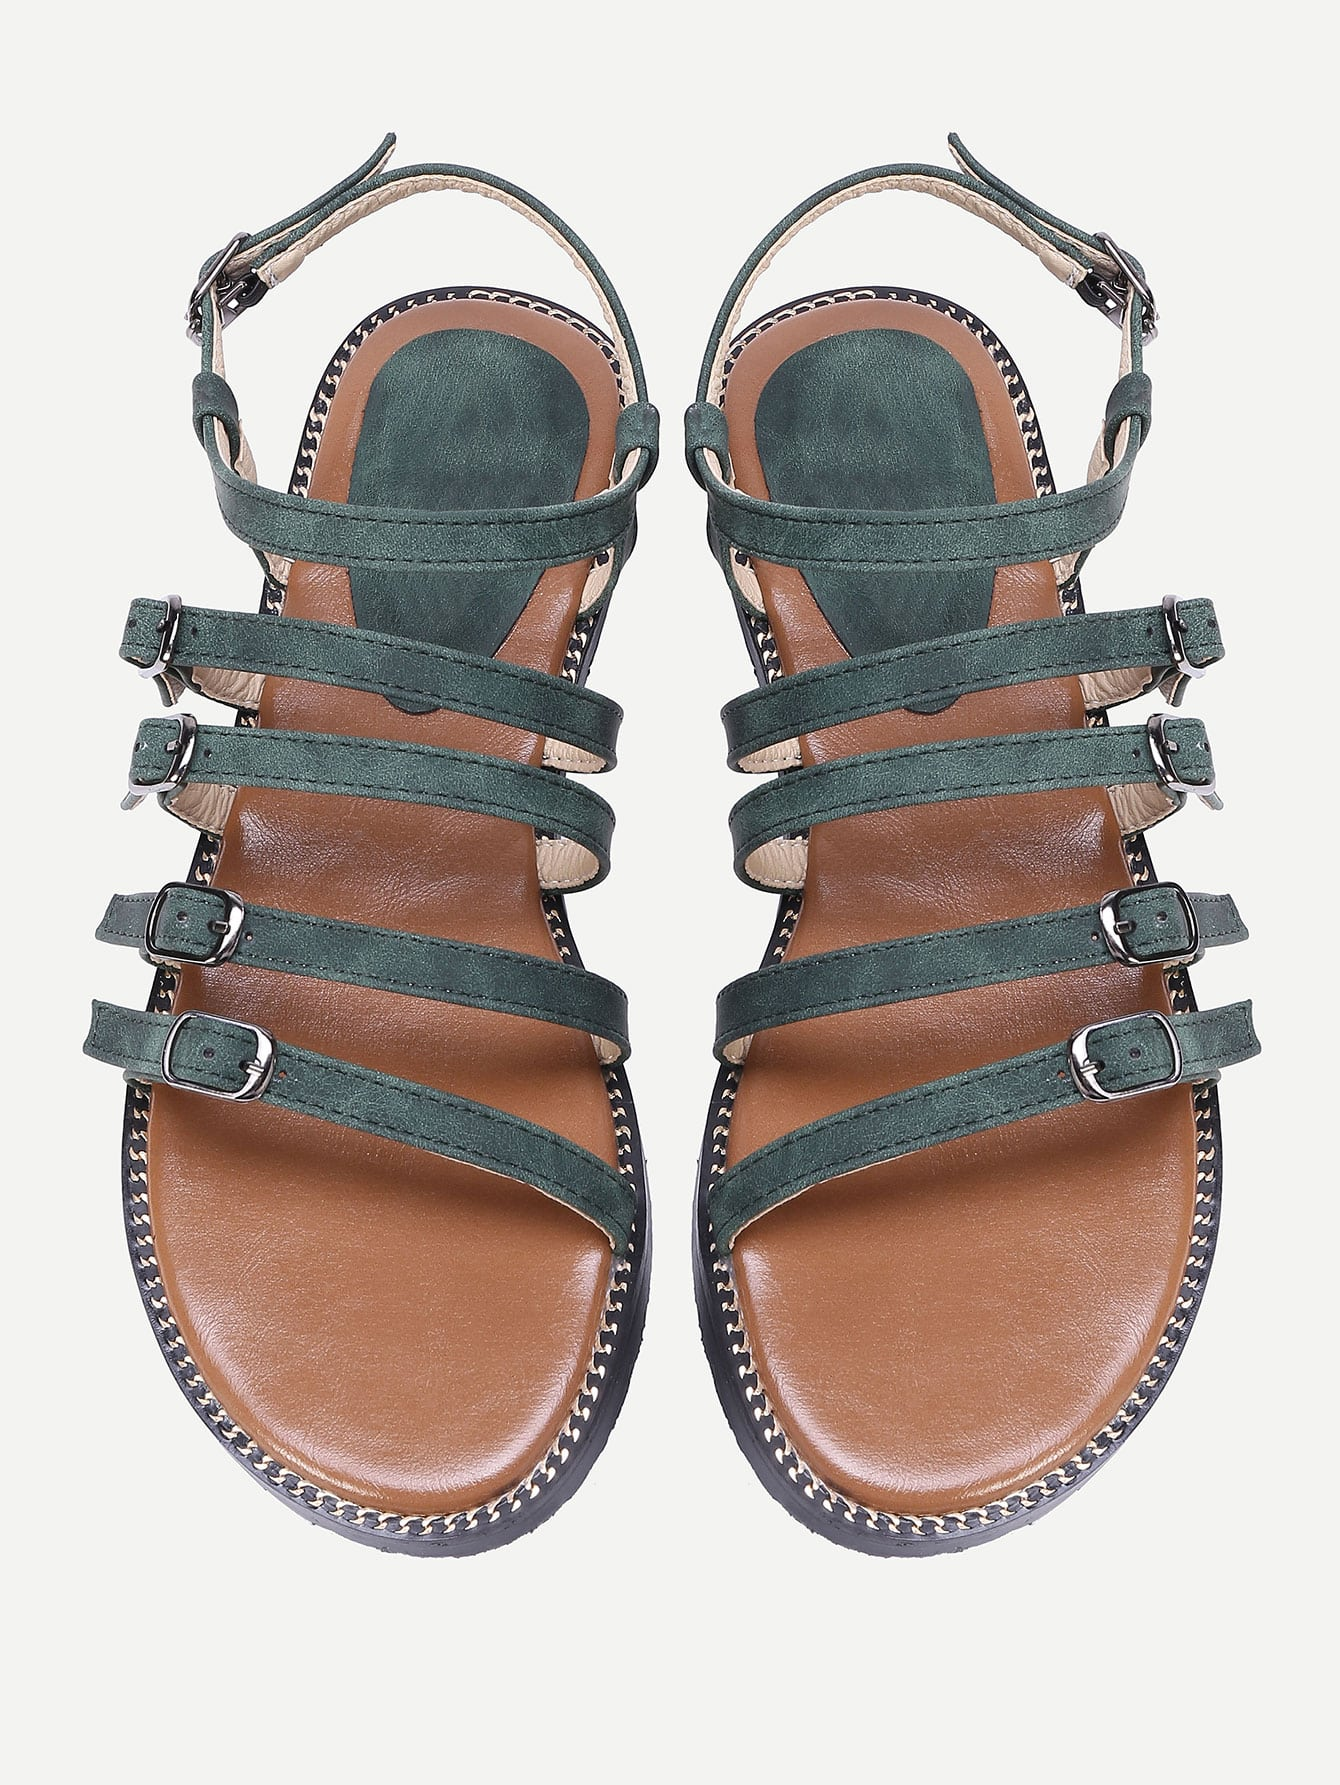 shoes170426811_2